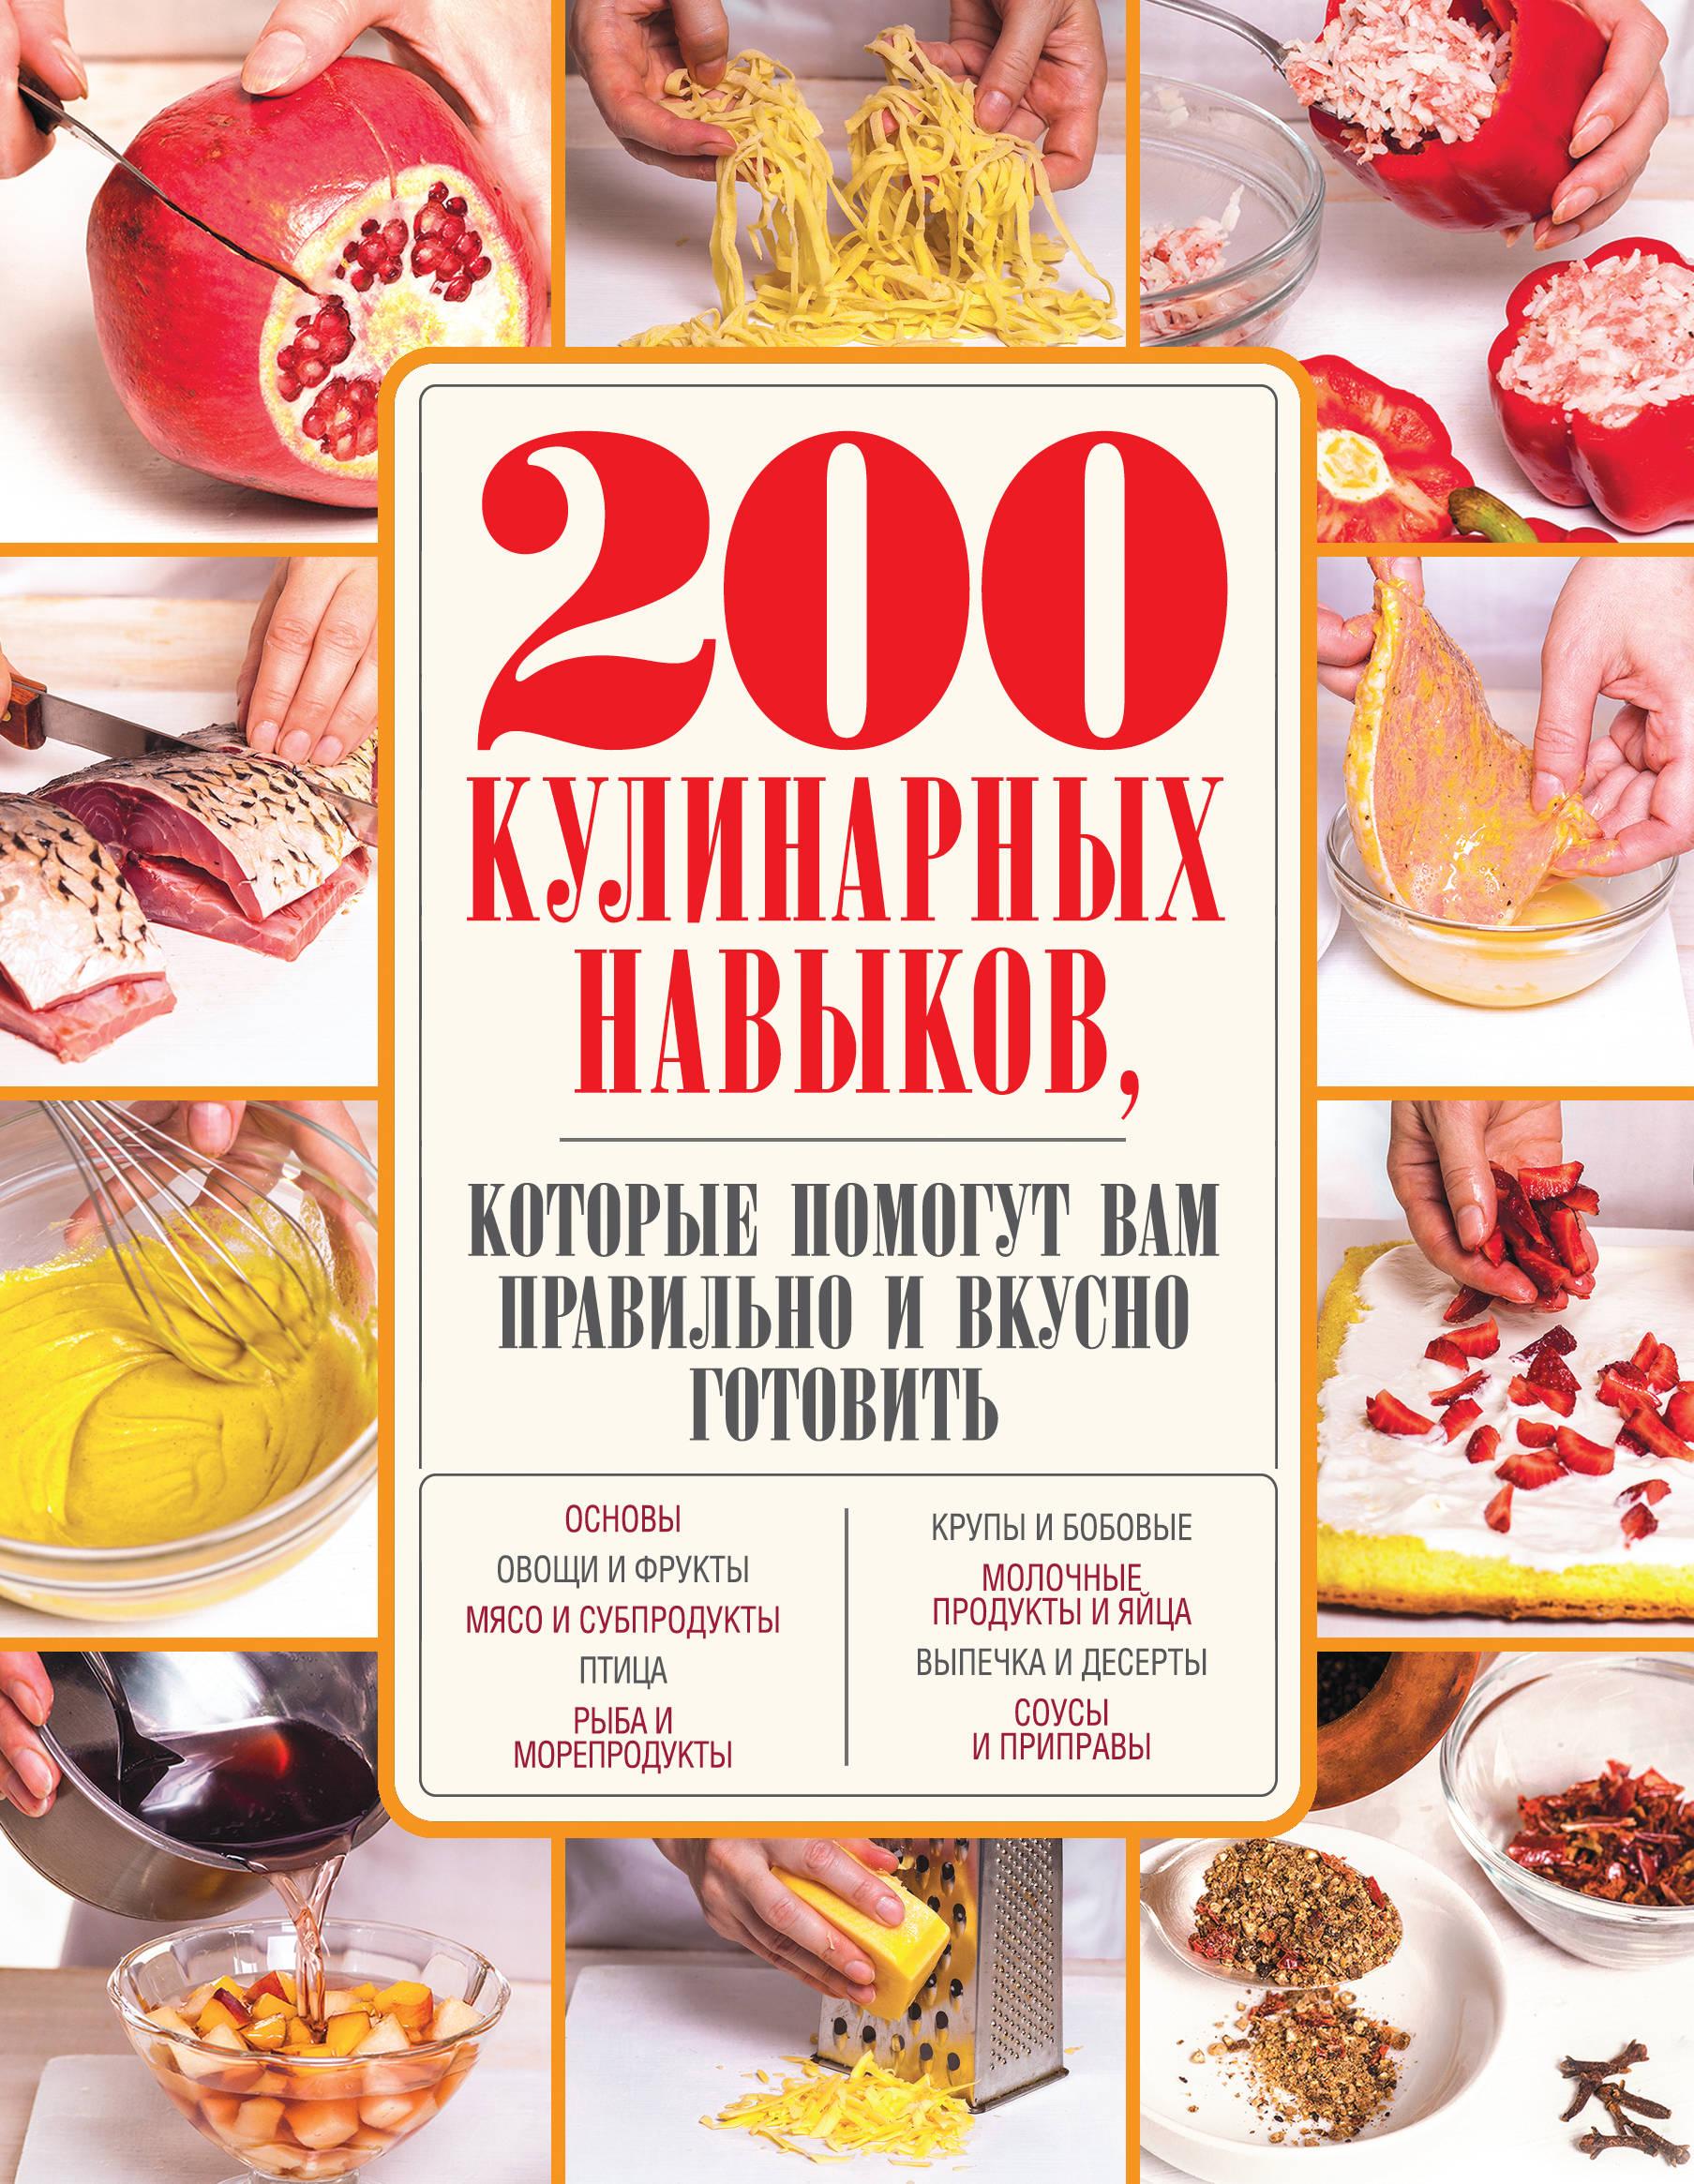 200 кулинарных навыков, которые помогут вам правильно и вкусно готовить 200 кулинарных навыков которые помогут вам правильно и вкусно готовить